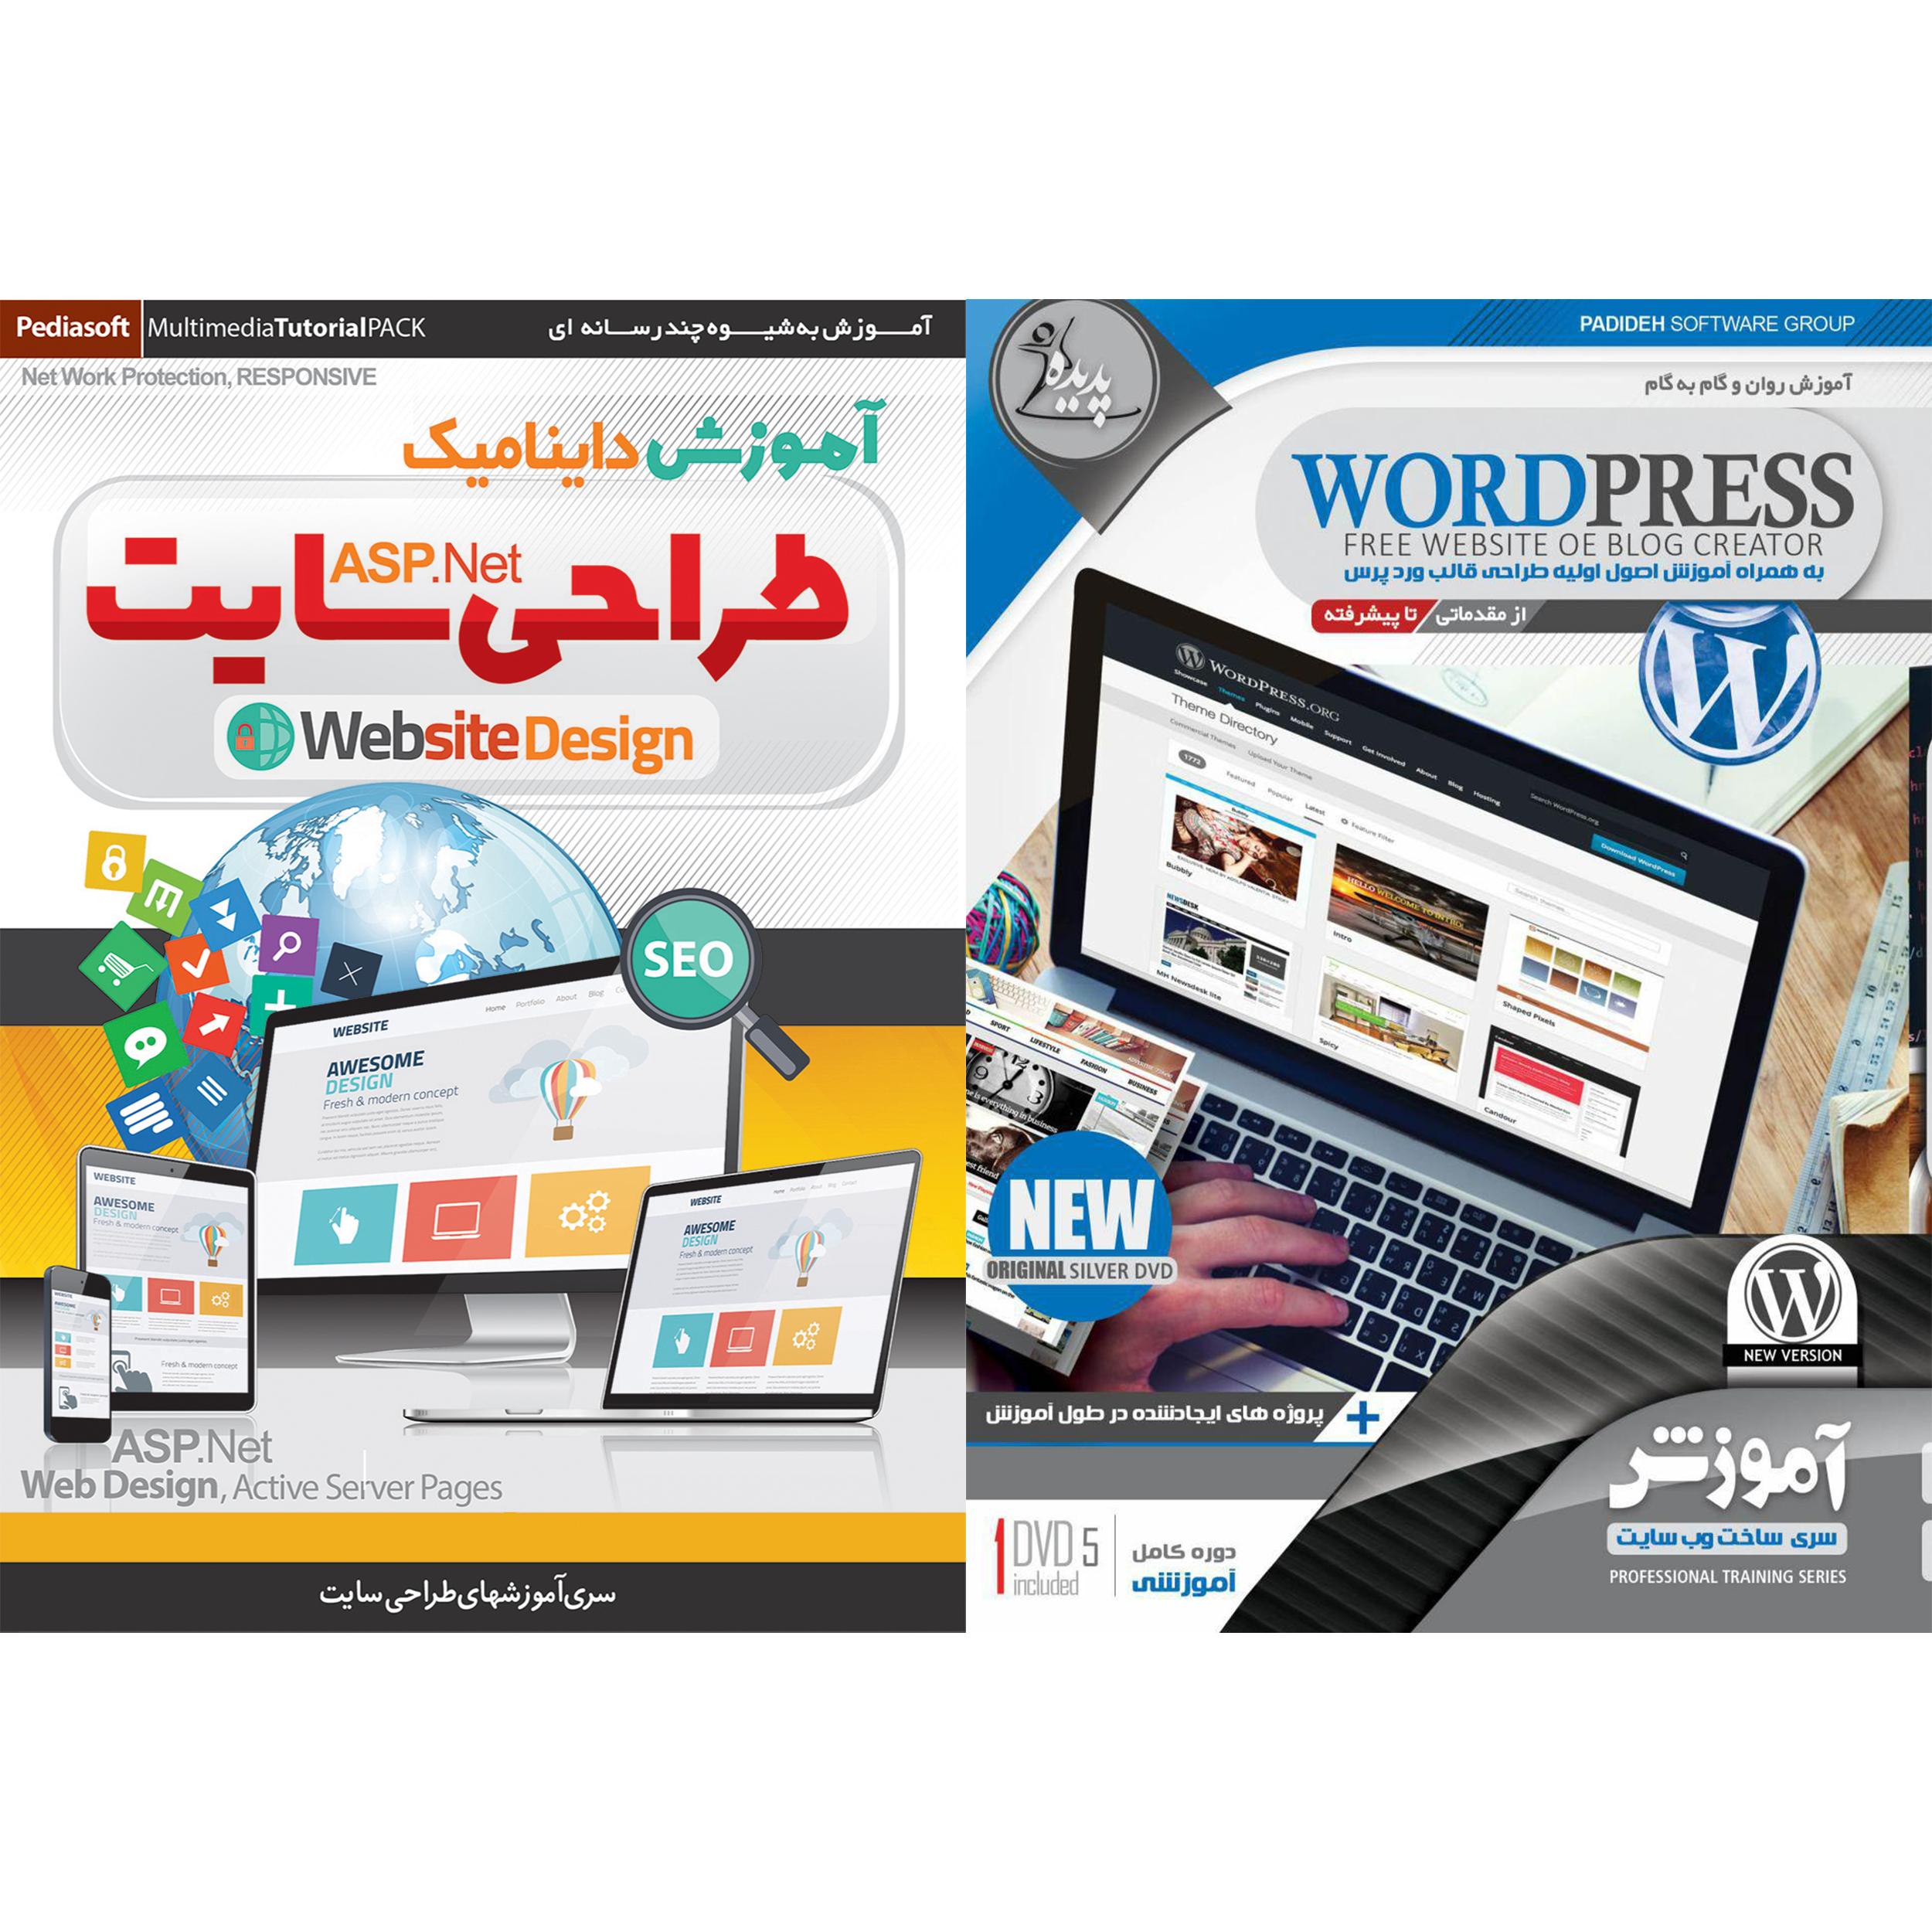 نرم افزار آموزش WORDPRESS نشر پدیده به همراه نرم افزار آموزش داینامیک طراحی سایت ASP.Net نشر پدیا سافت